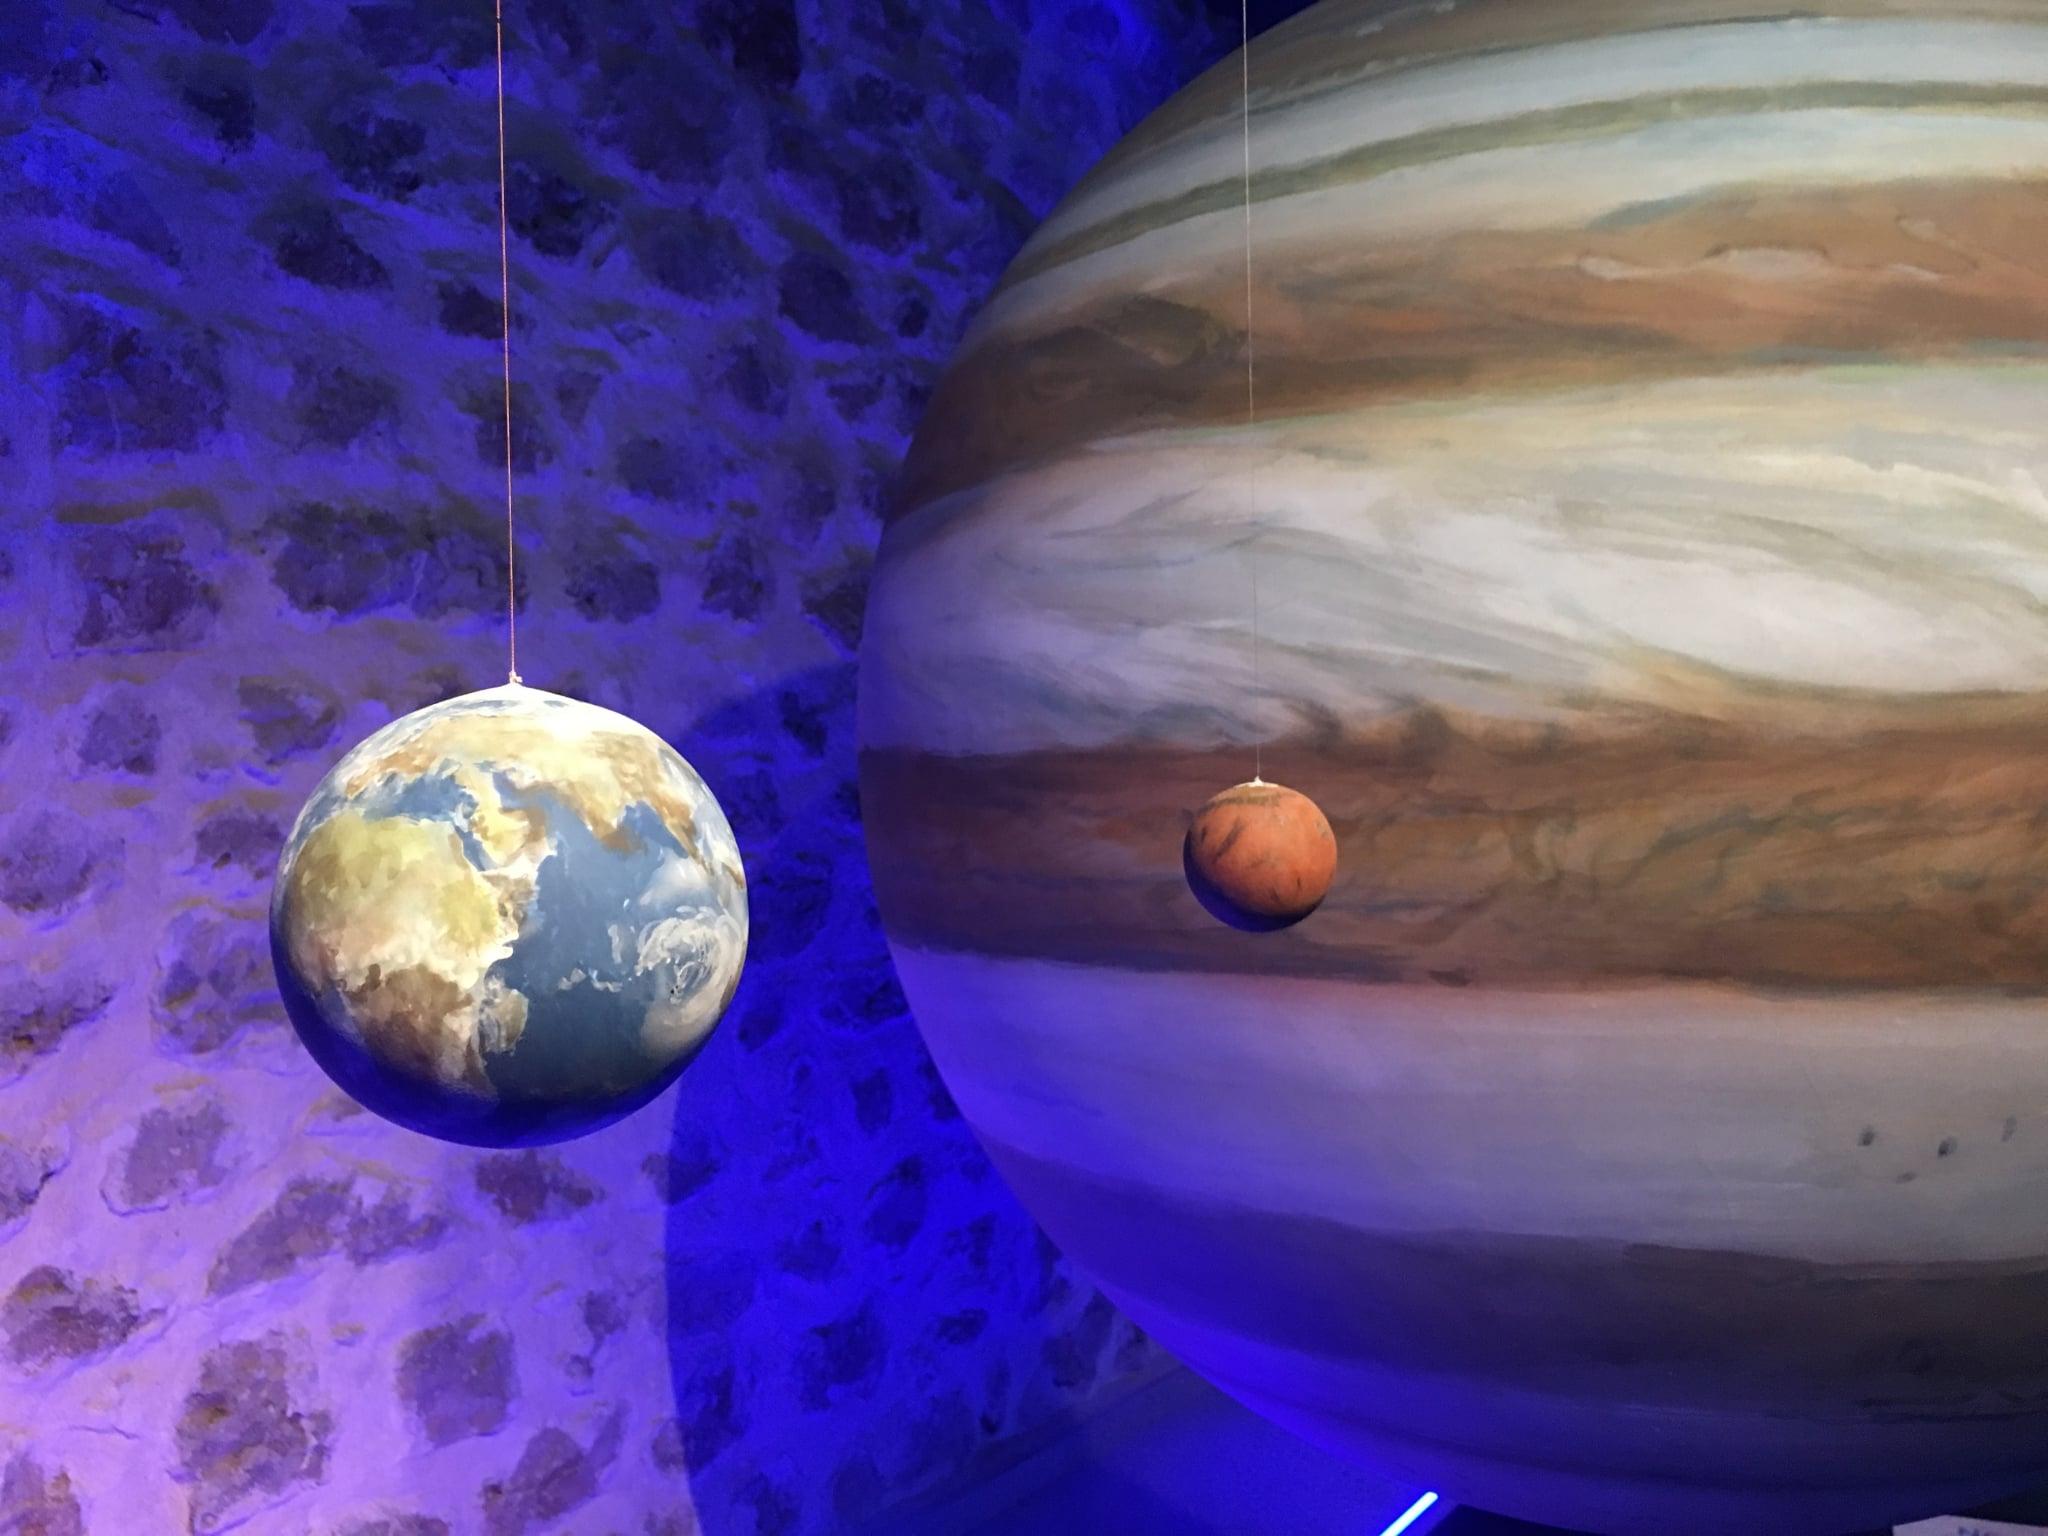 cosmolarium Centro de divulgación de astronomía, planetas